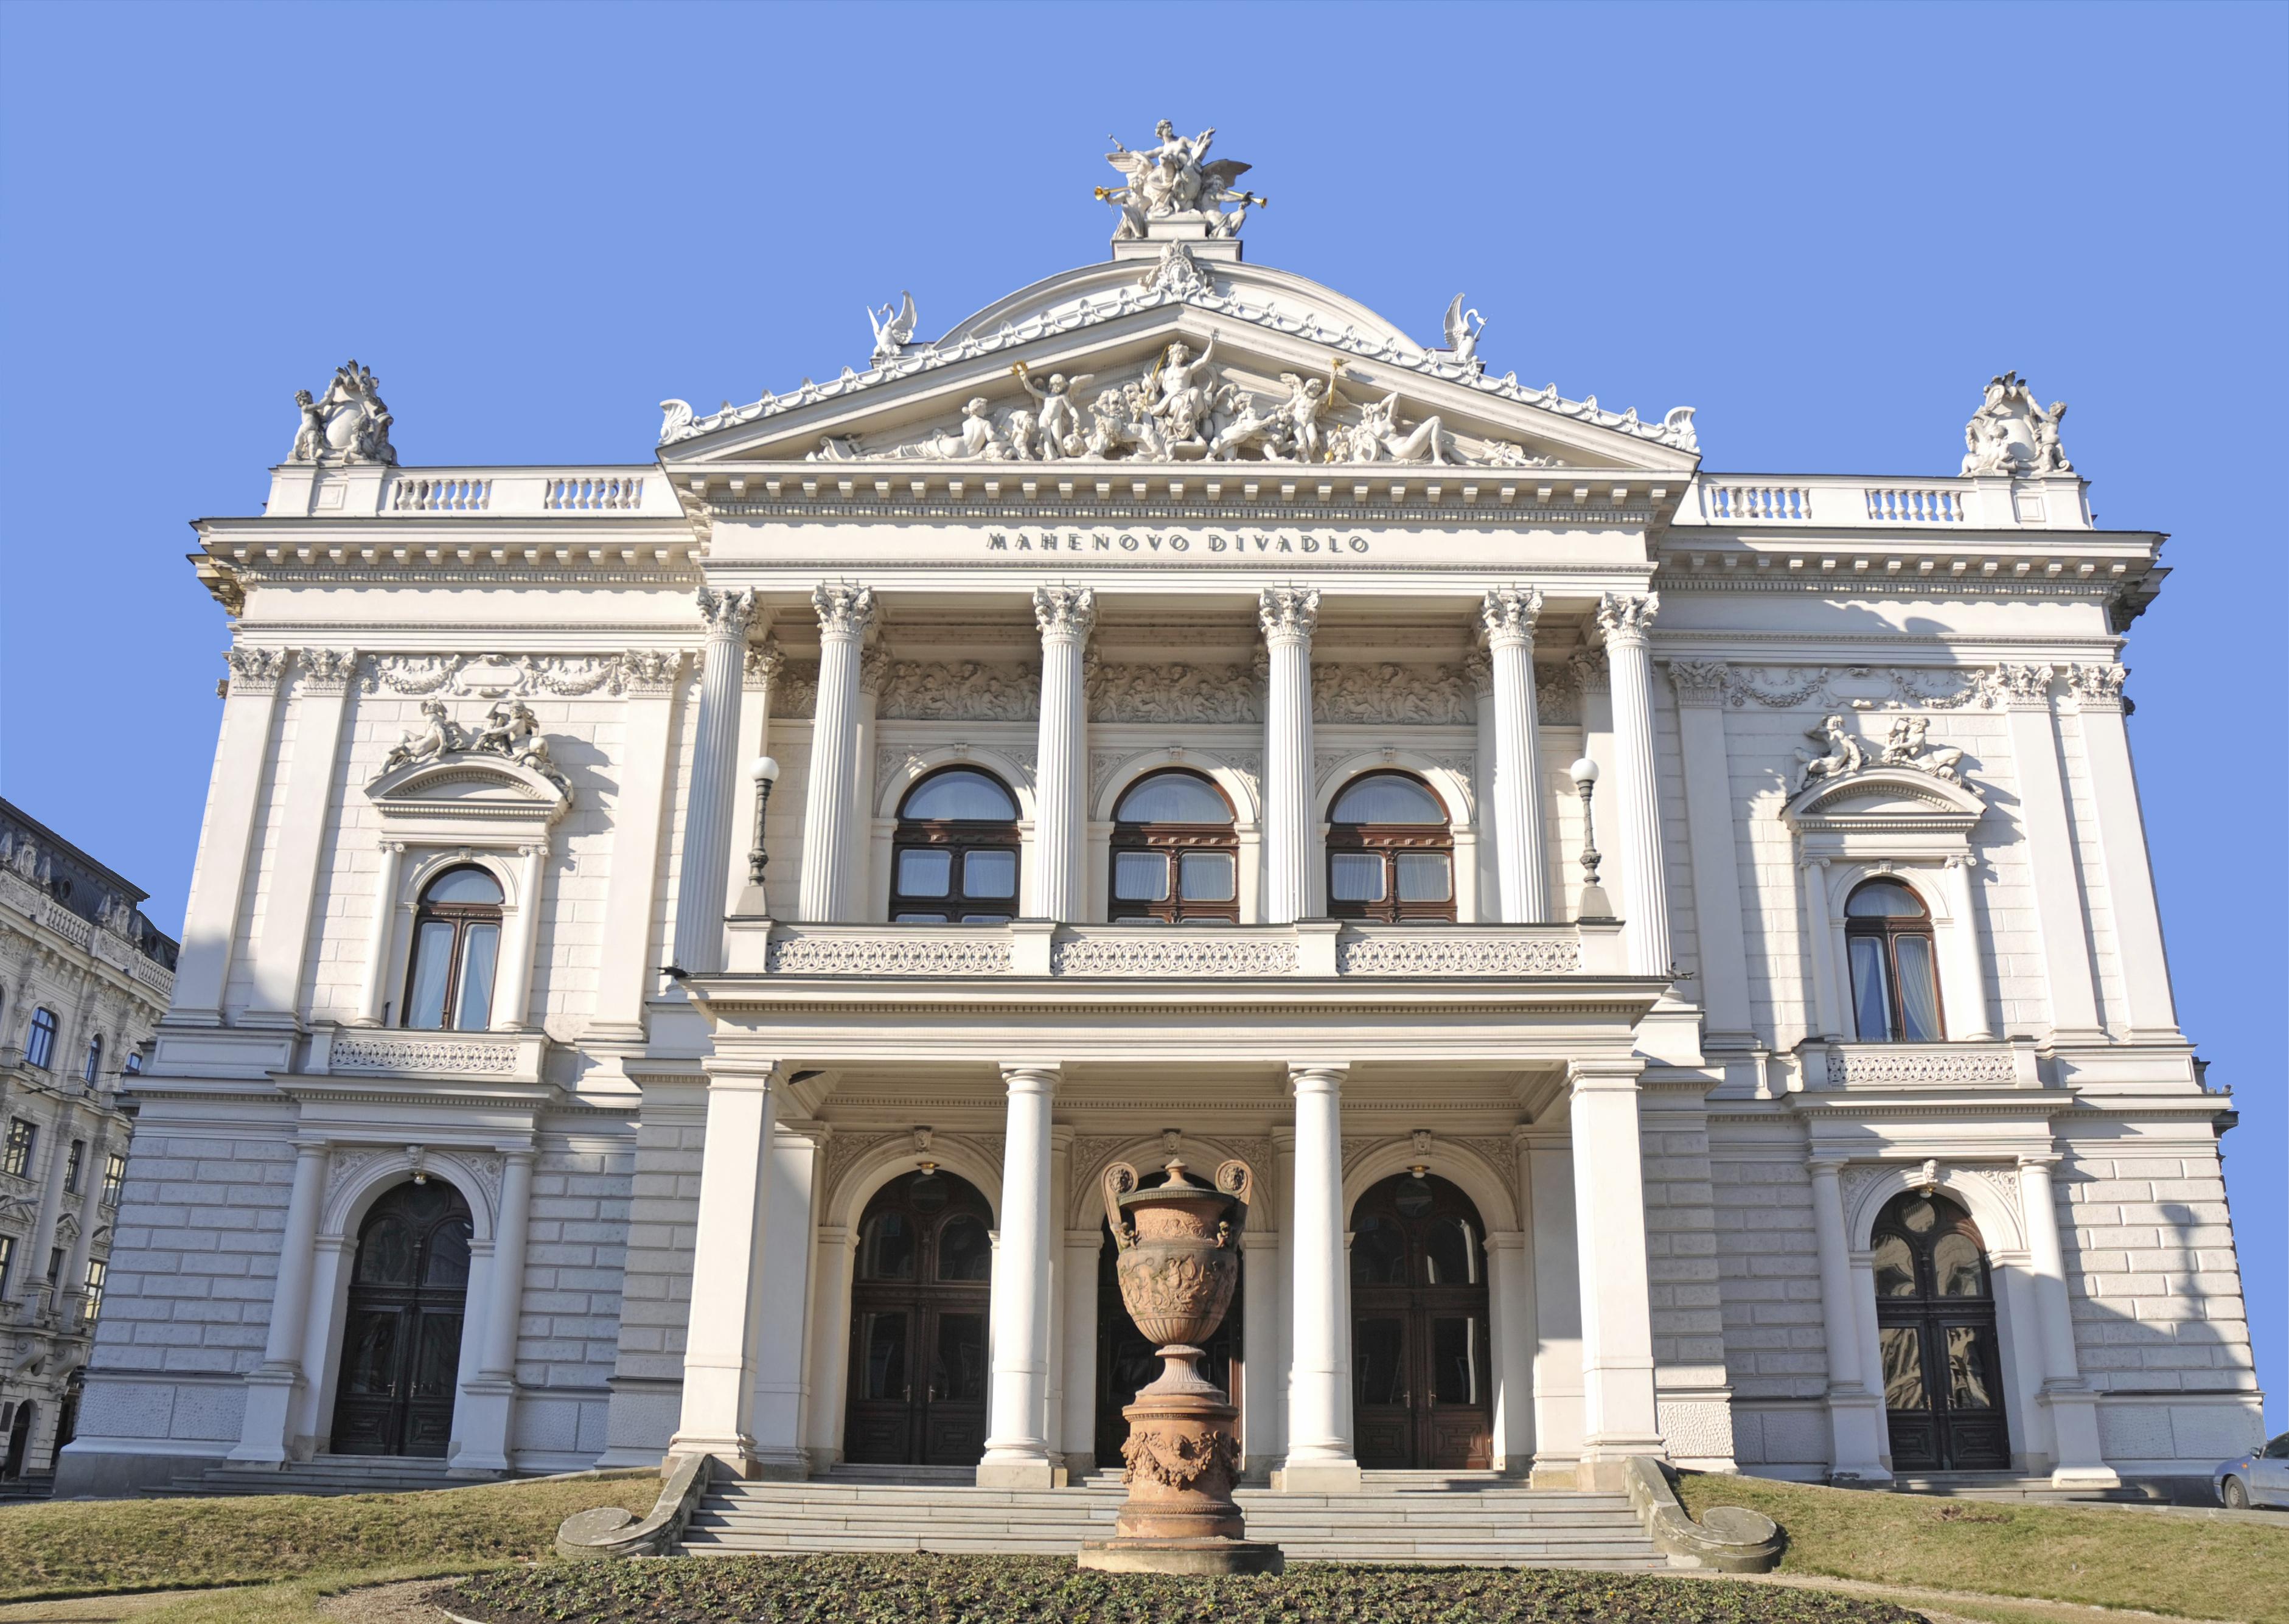 Mahenovo Theatre